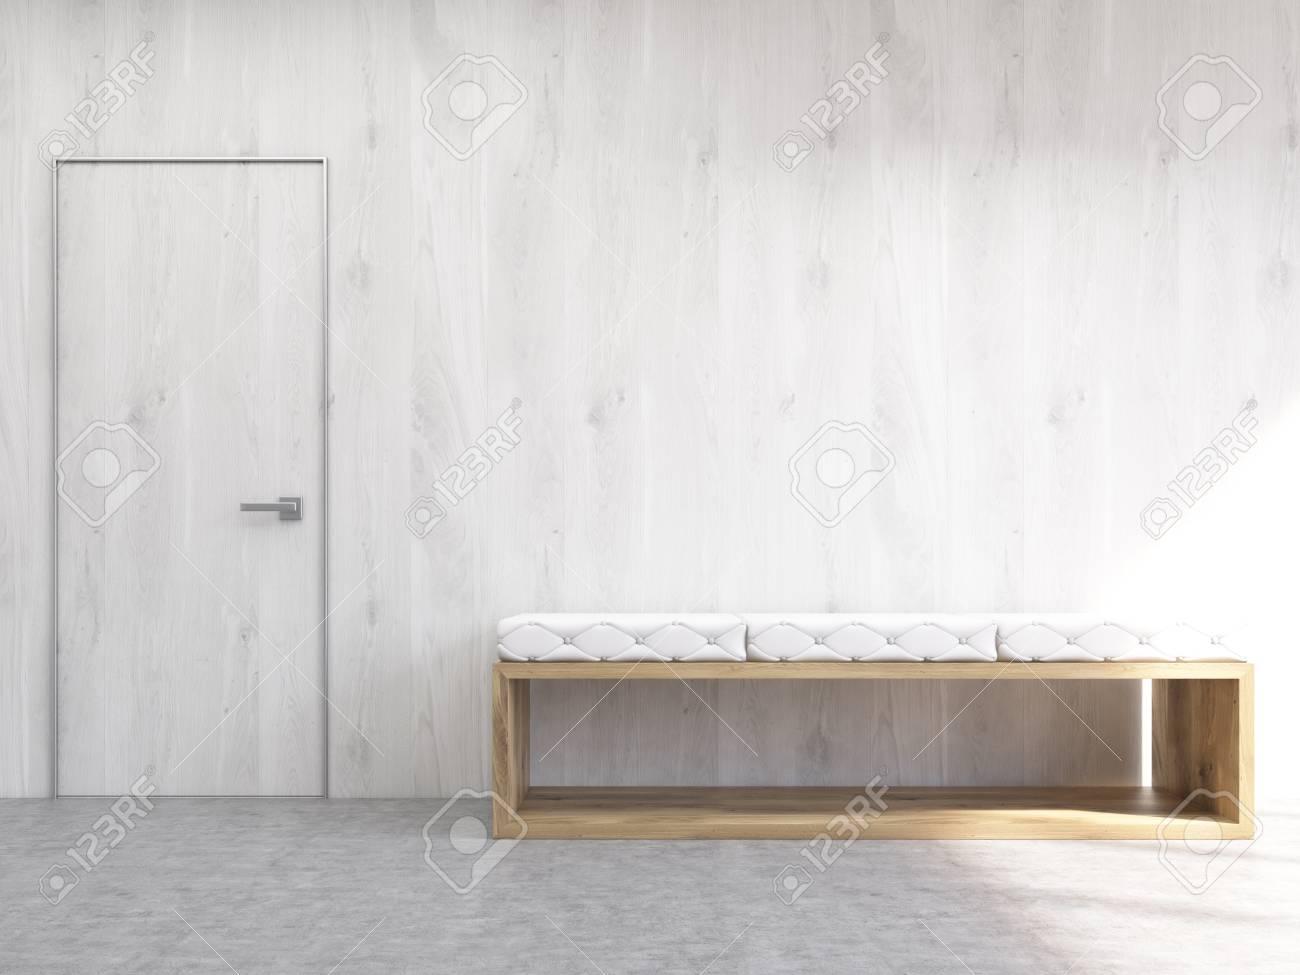 Intérieur Avec Mur En Bois Blanc Banc Et Porte Maquette Rendu 3d